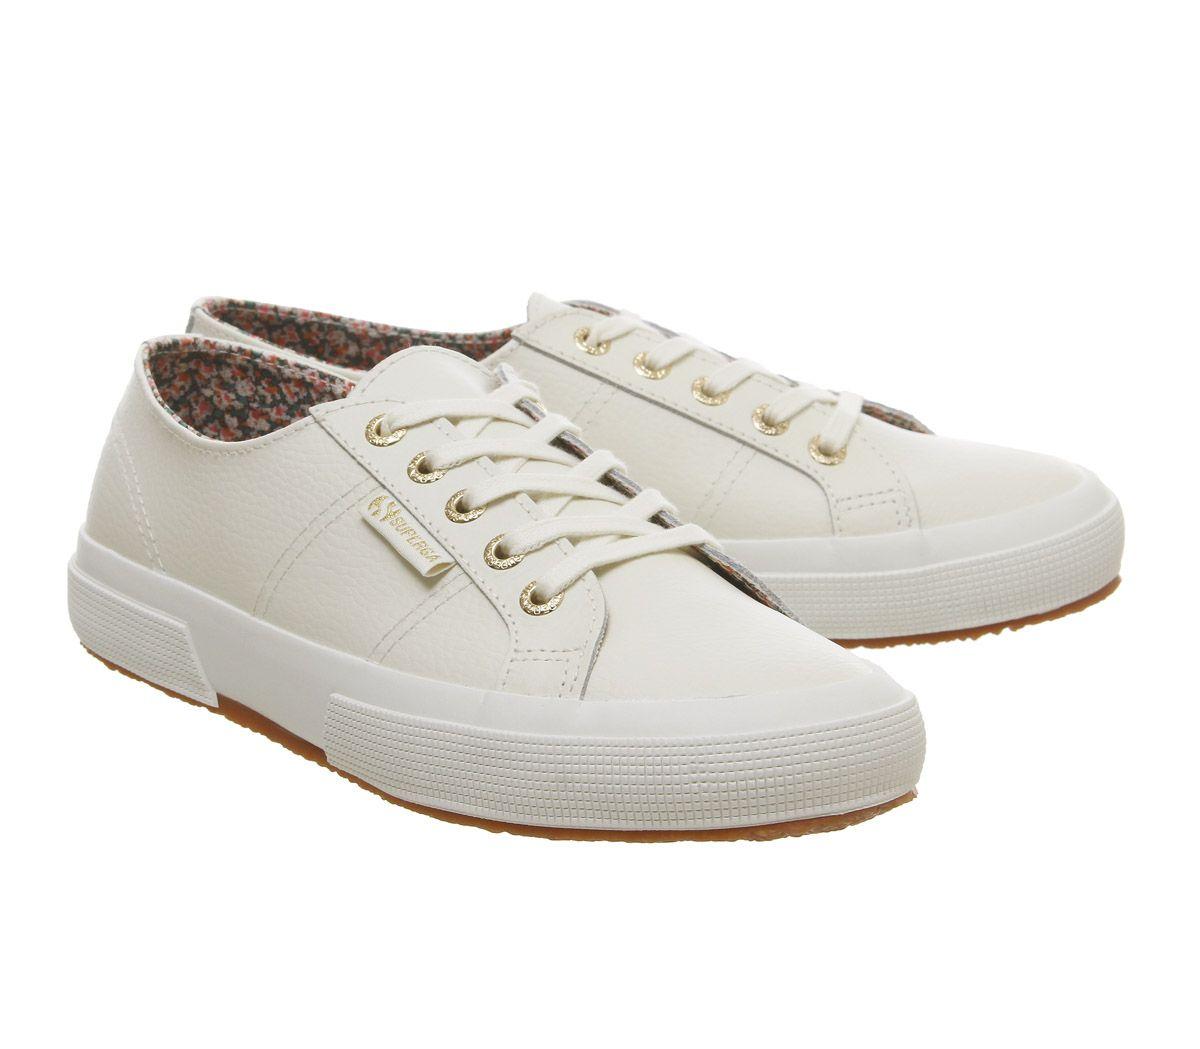 migliori scarpe da ginnastica 8ac16 c291c Dettagli su Donna Superga 2750 Scarpe Sportive Nuova pelle Floreale  Esclusivo da Ginnastica